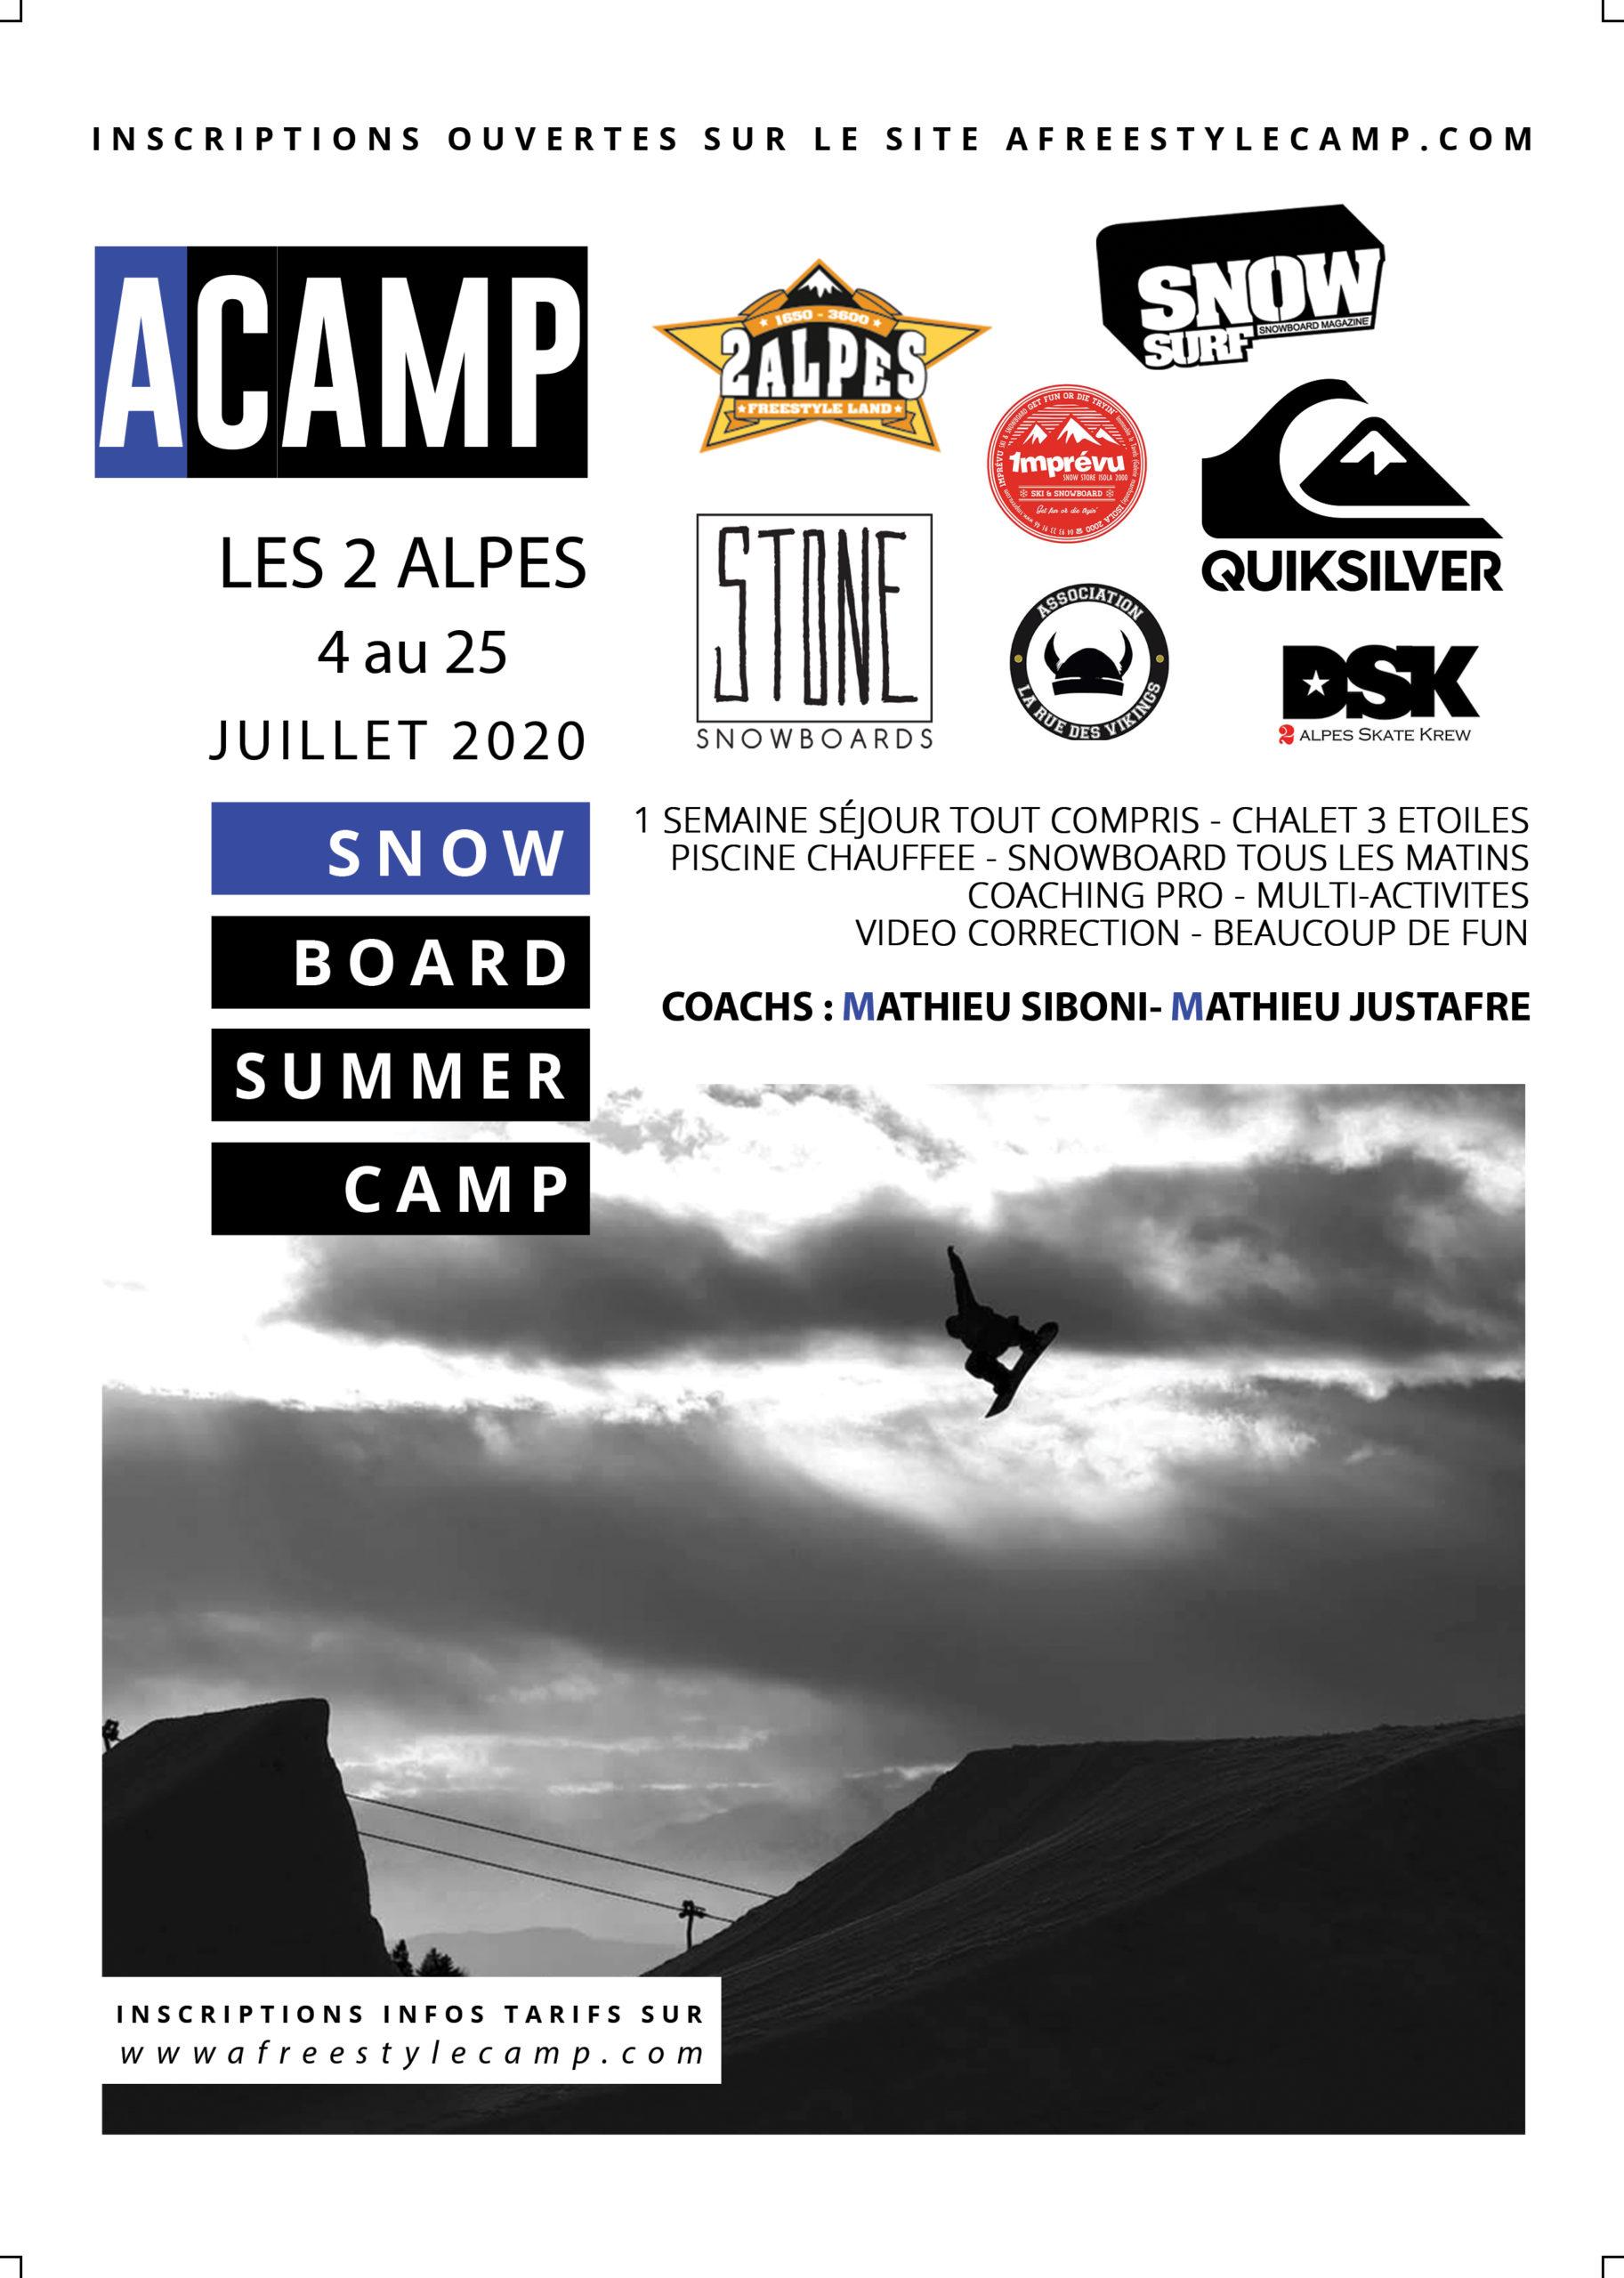 ACAMP SNOWBOARD du 4 au 25 juillet 2020